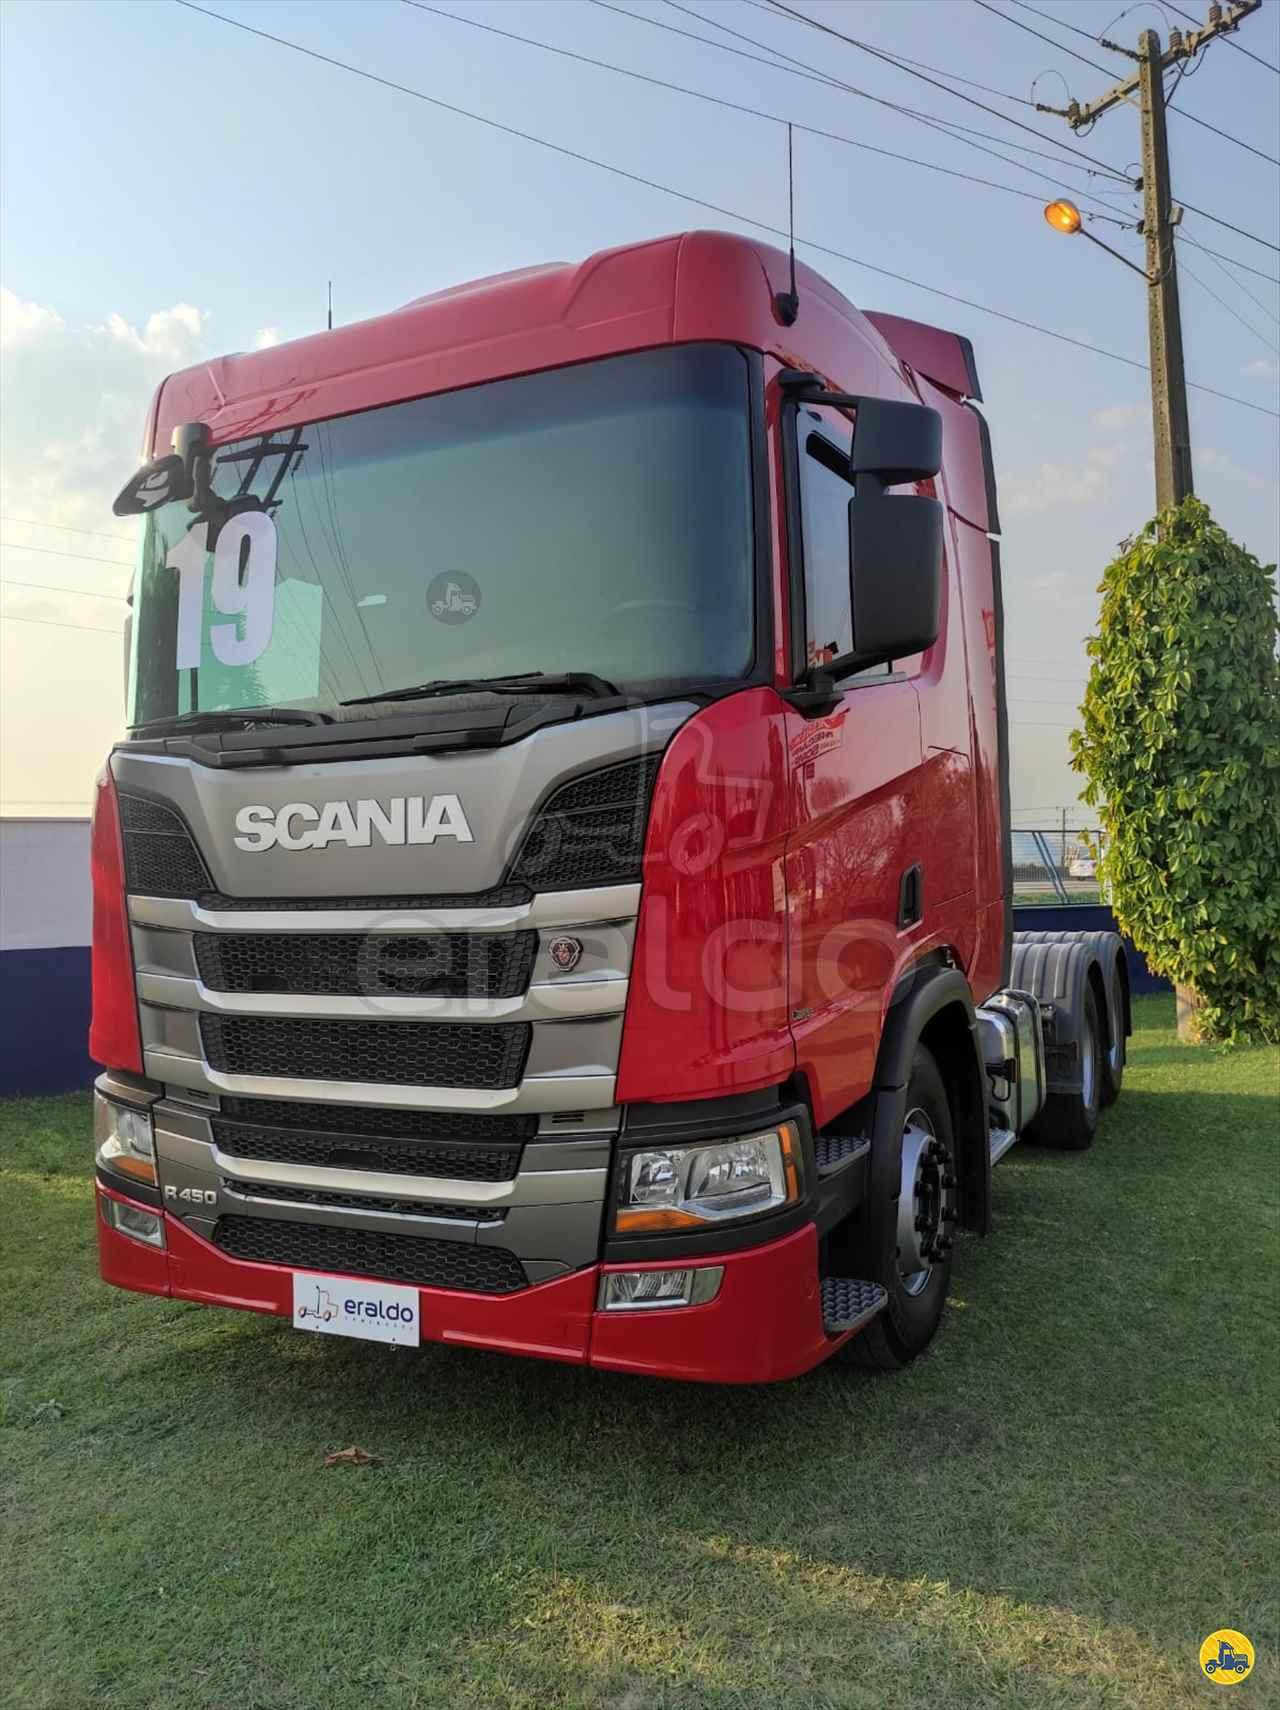 CAMINHAO SCANIA SCANIA 450 Cavalo Mecânico Truck 6x2 Eraldo Caminhões TUBARAO SANTA CATARINA SC